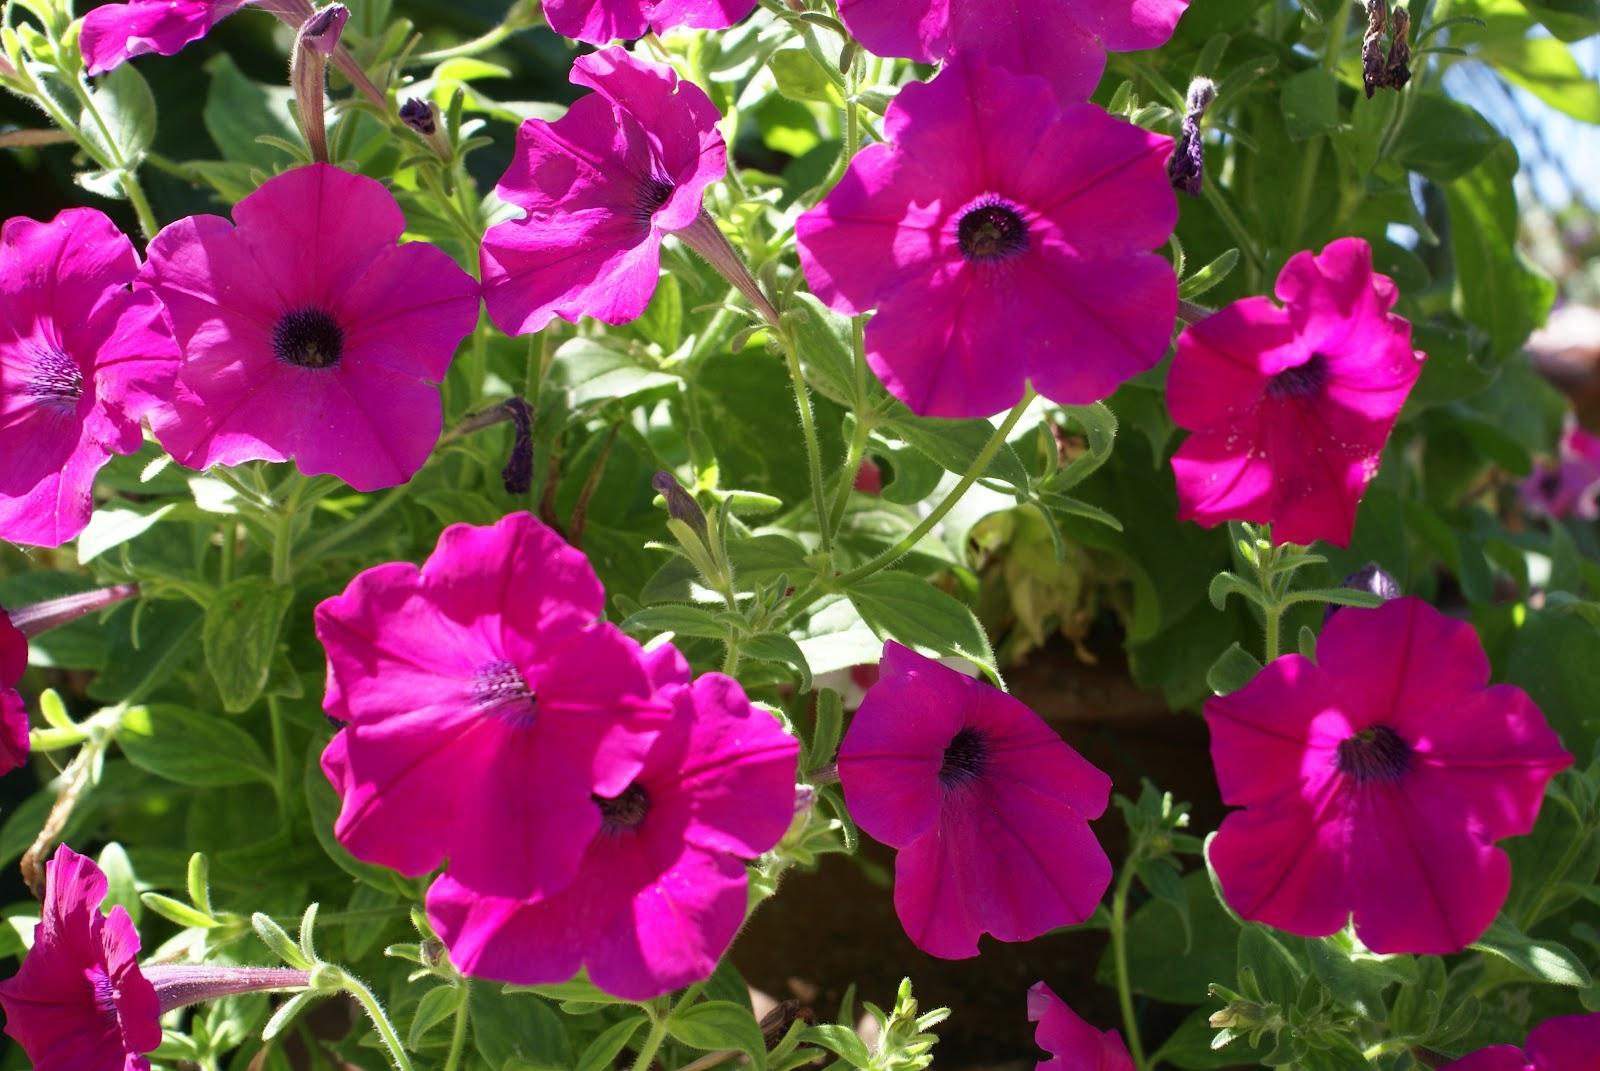 horta jardim e pomar: do jardim, do pomar e da horta: Mais um sábado de trabalho na horta